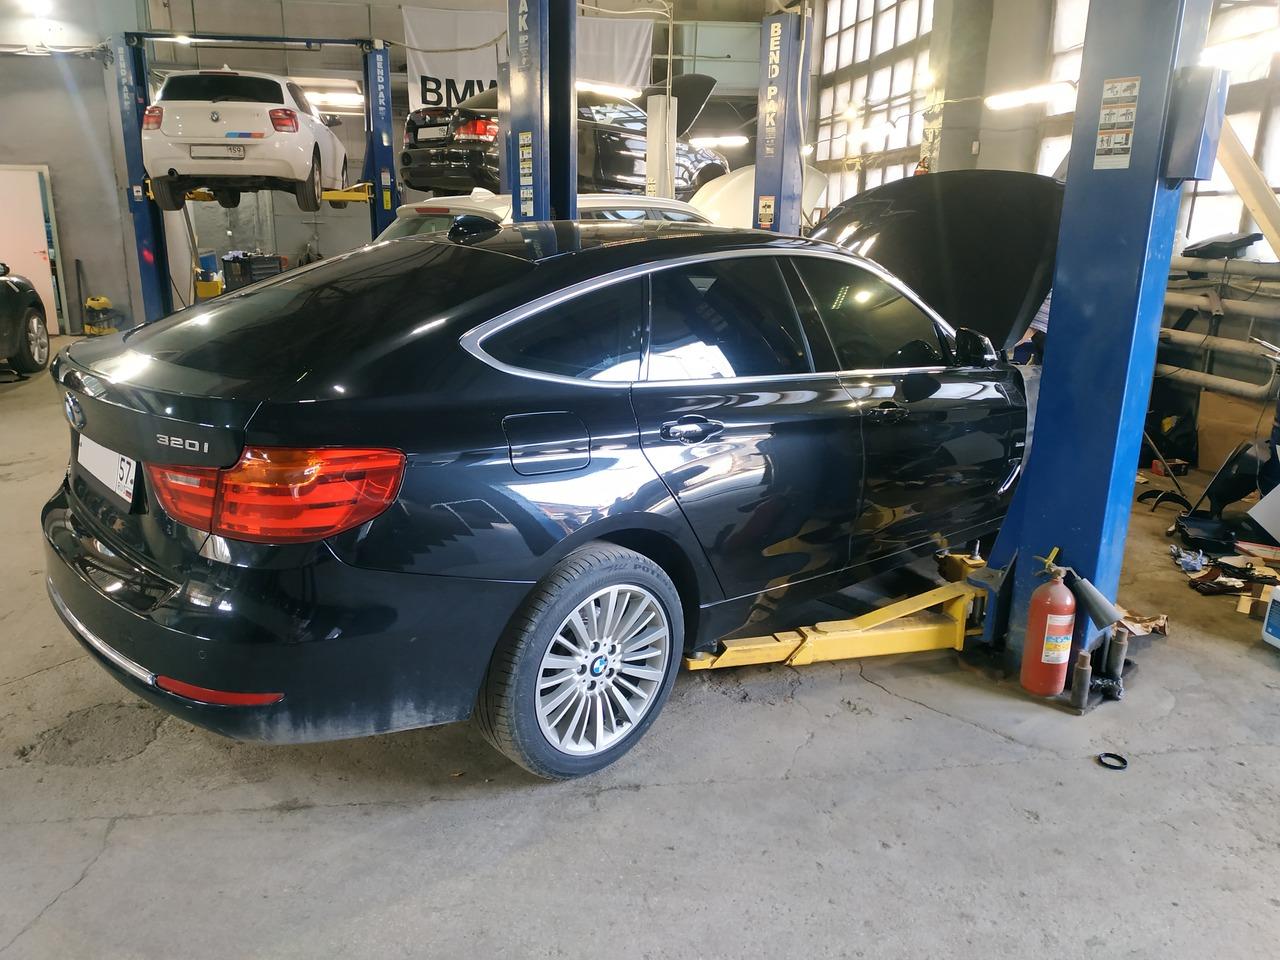 BMW F34 GT 320i